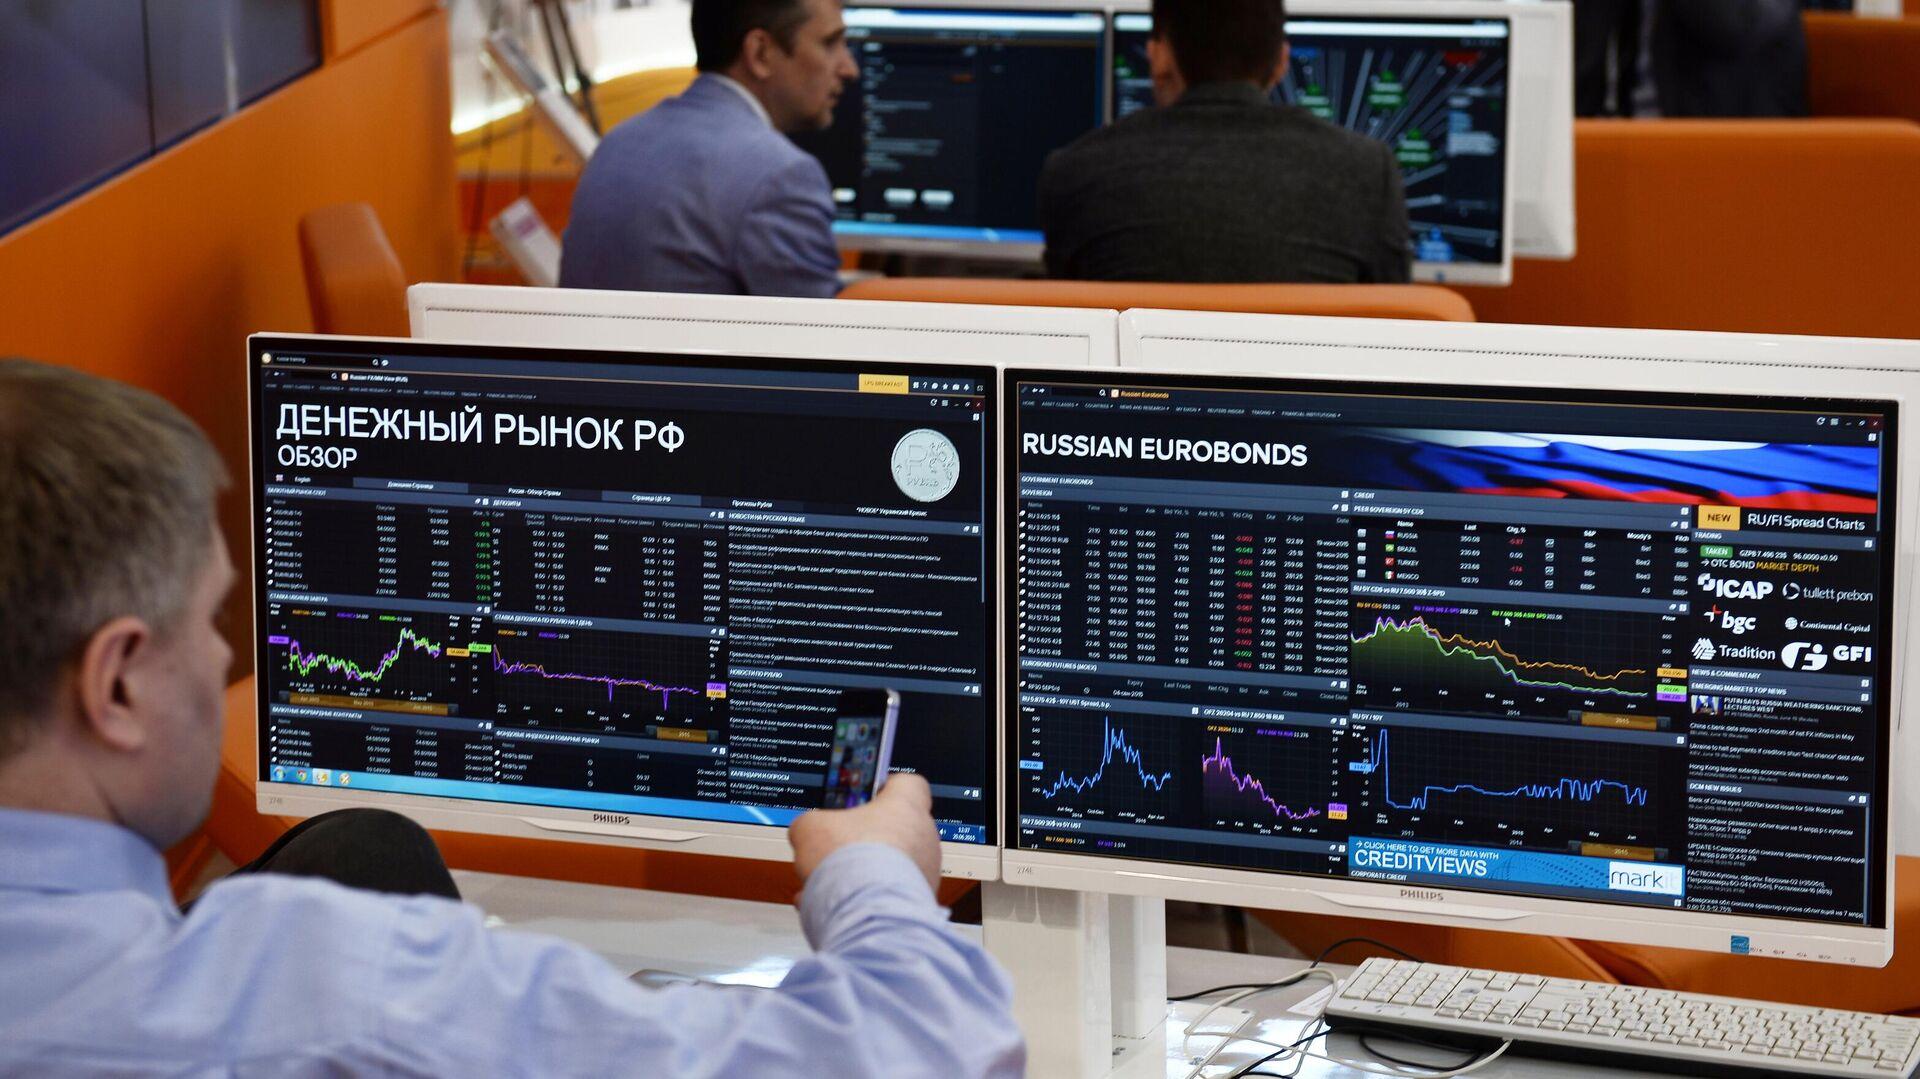 Мониторы с информацией о состоянии денежного рынка РФ - РИА Новости, 1920, 16.04.2021